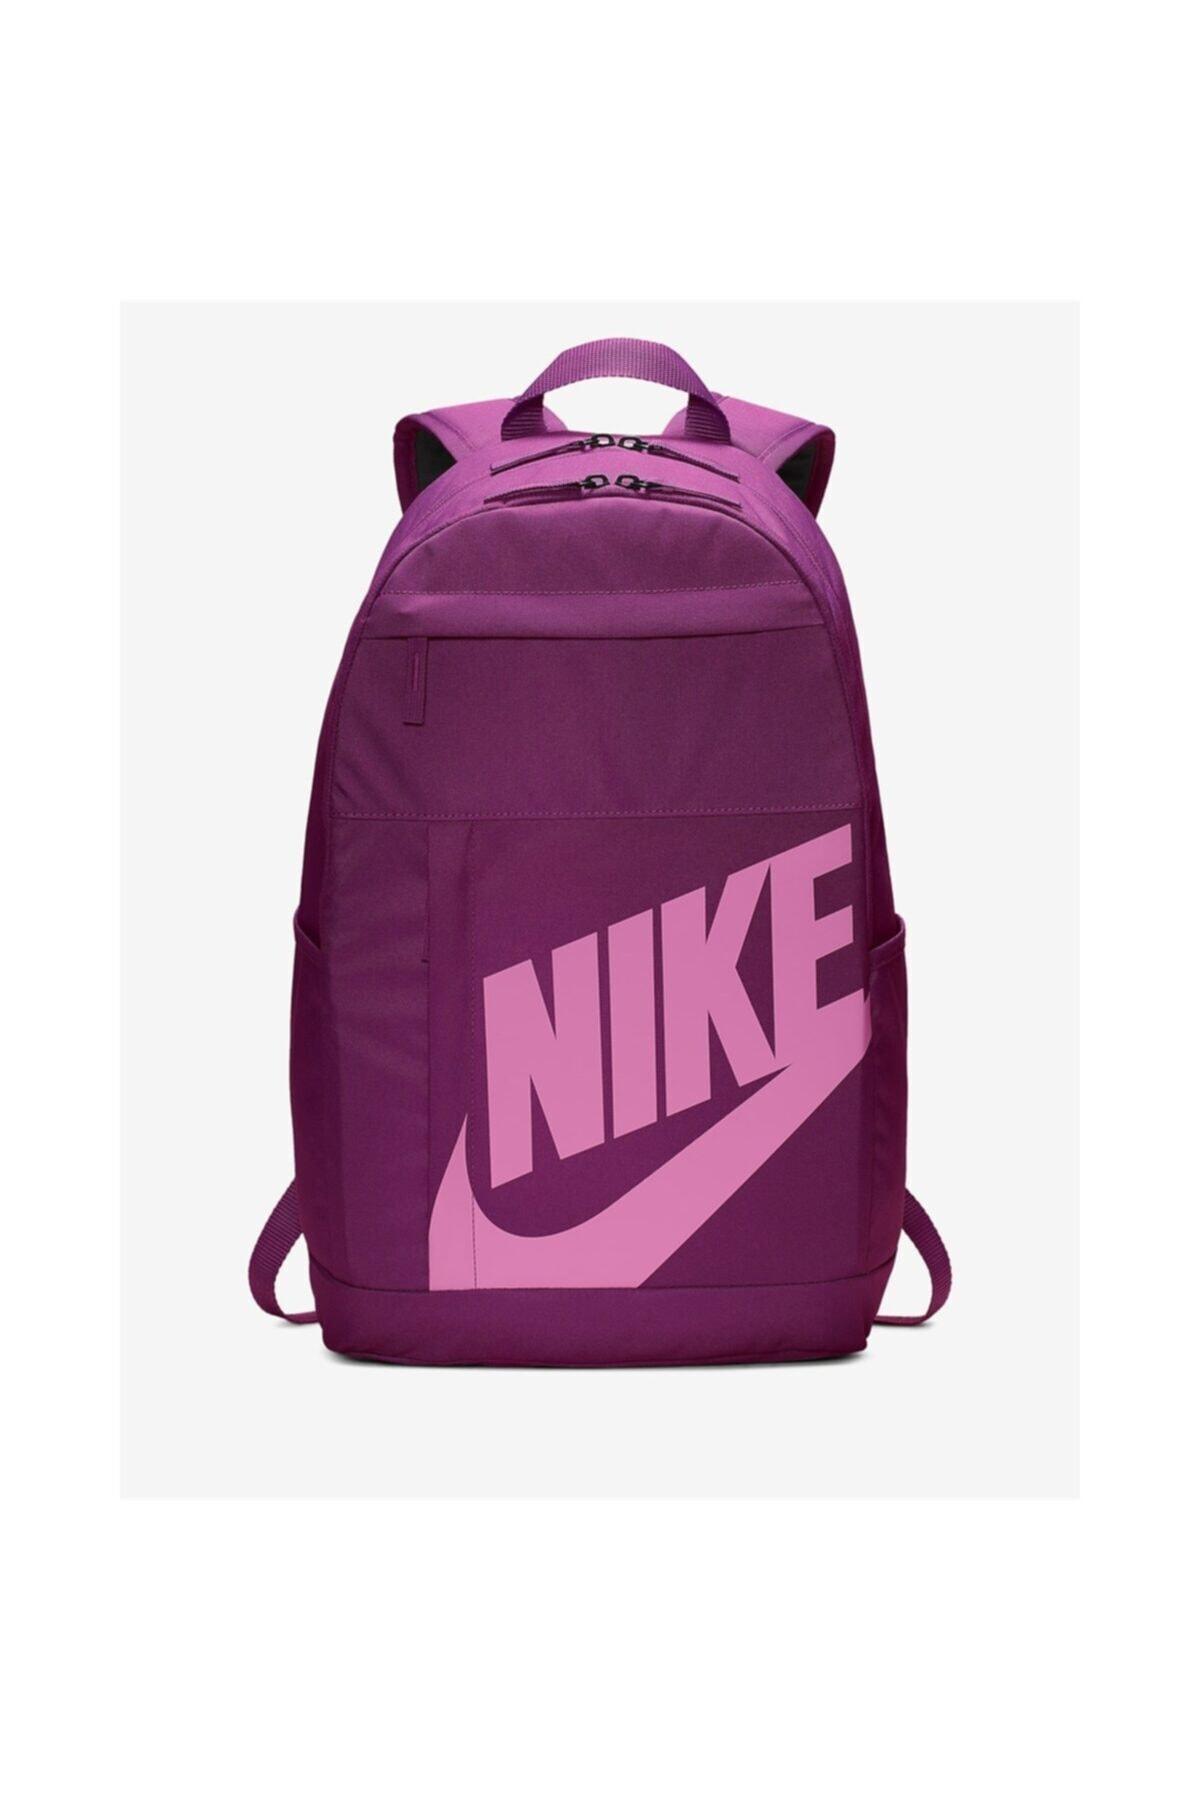 Nike Nk Elmntl Bkpk - 2.0 Mor 1